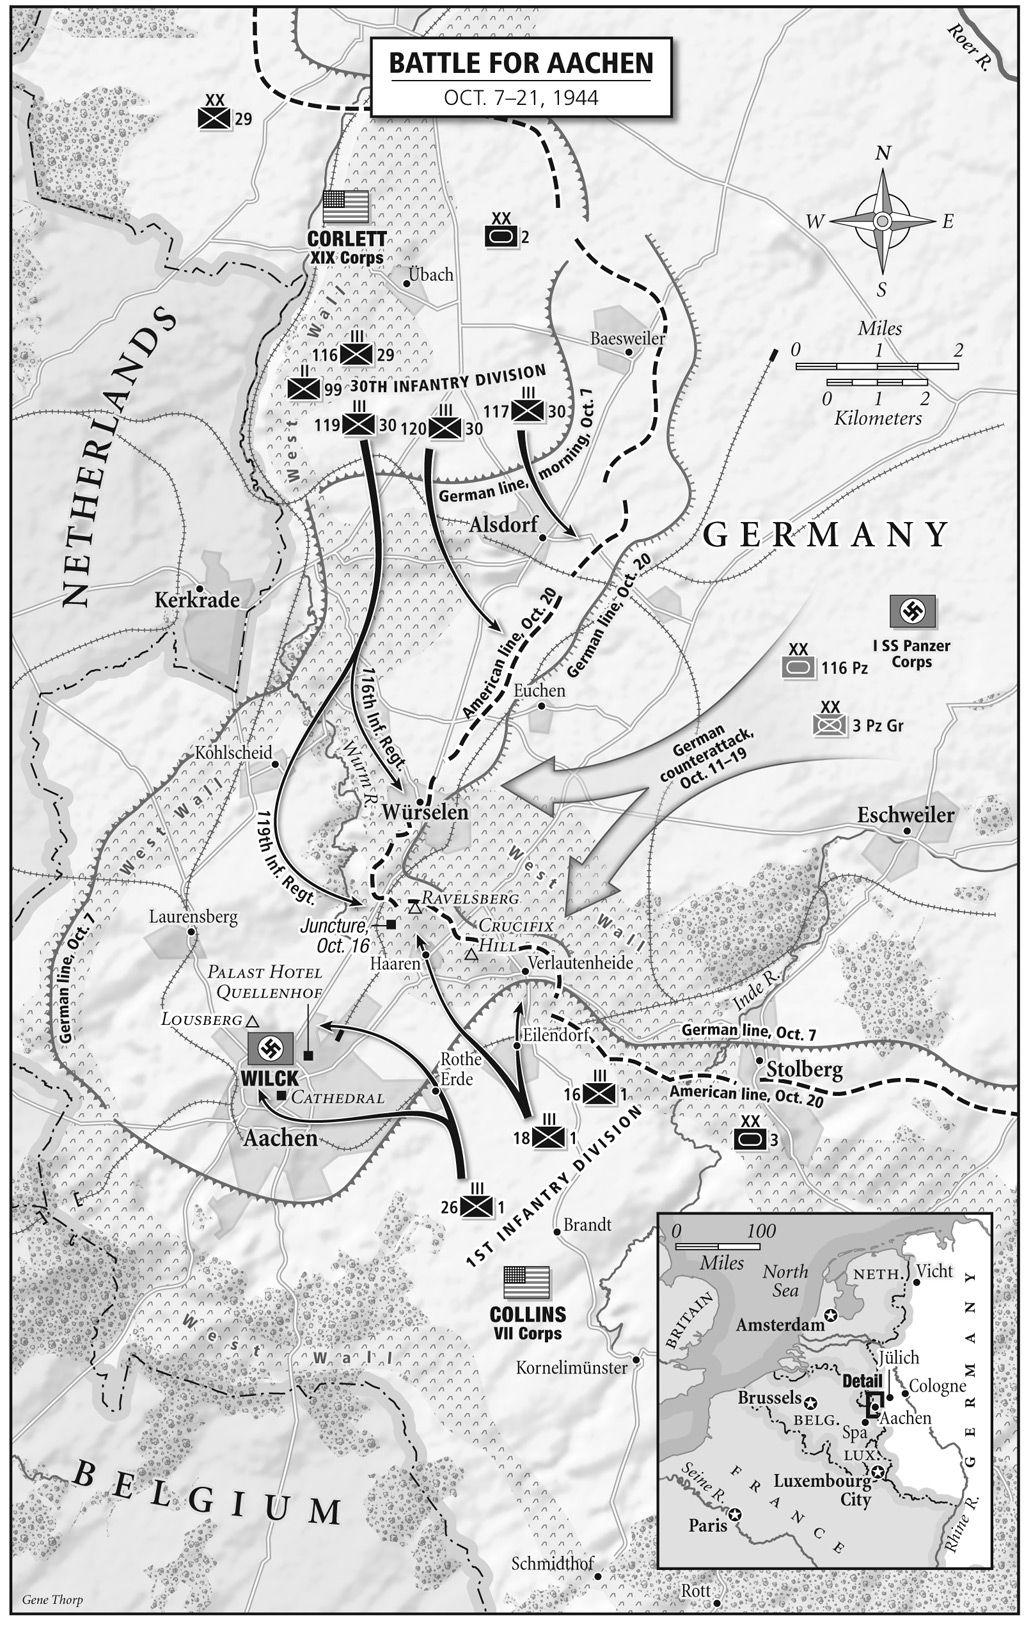 BATTLE FOR AACHEN OCTOBER 721 1944 forgotten battles Pinterest